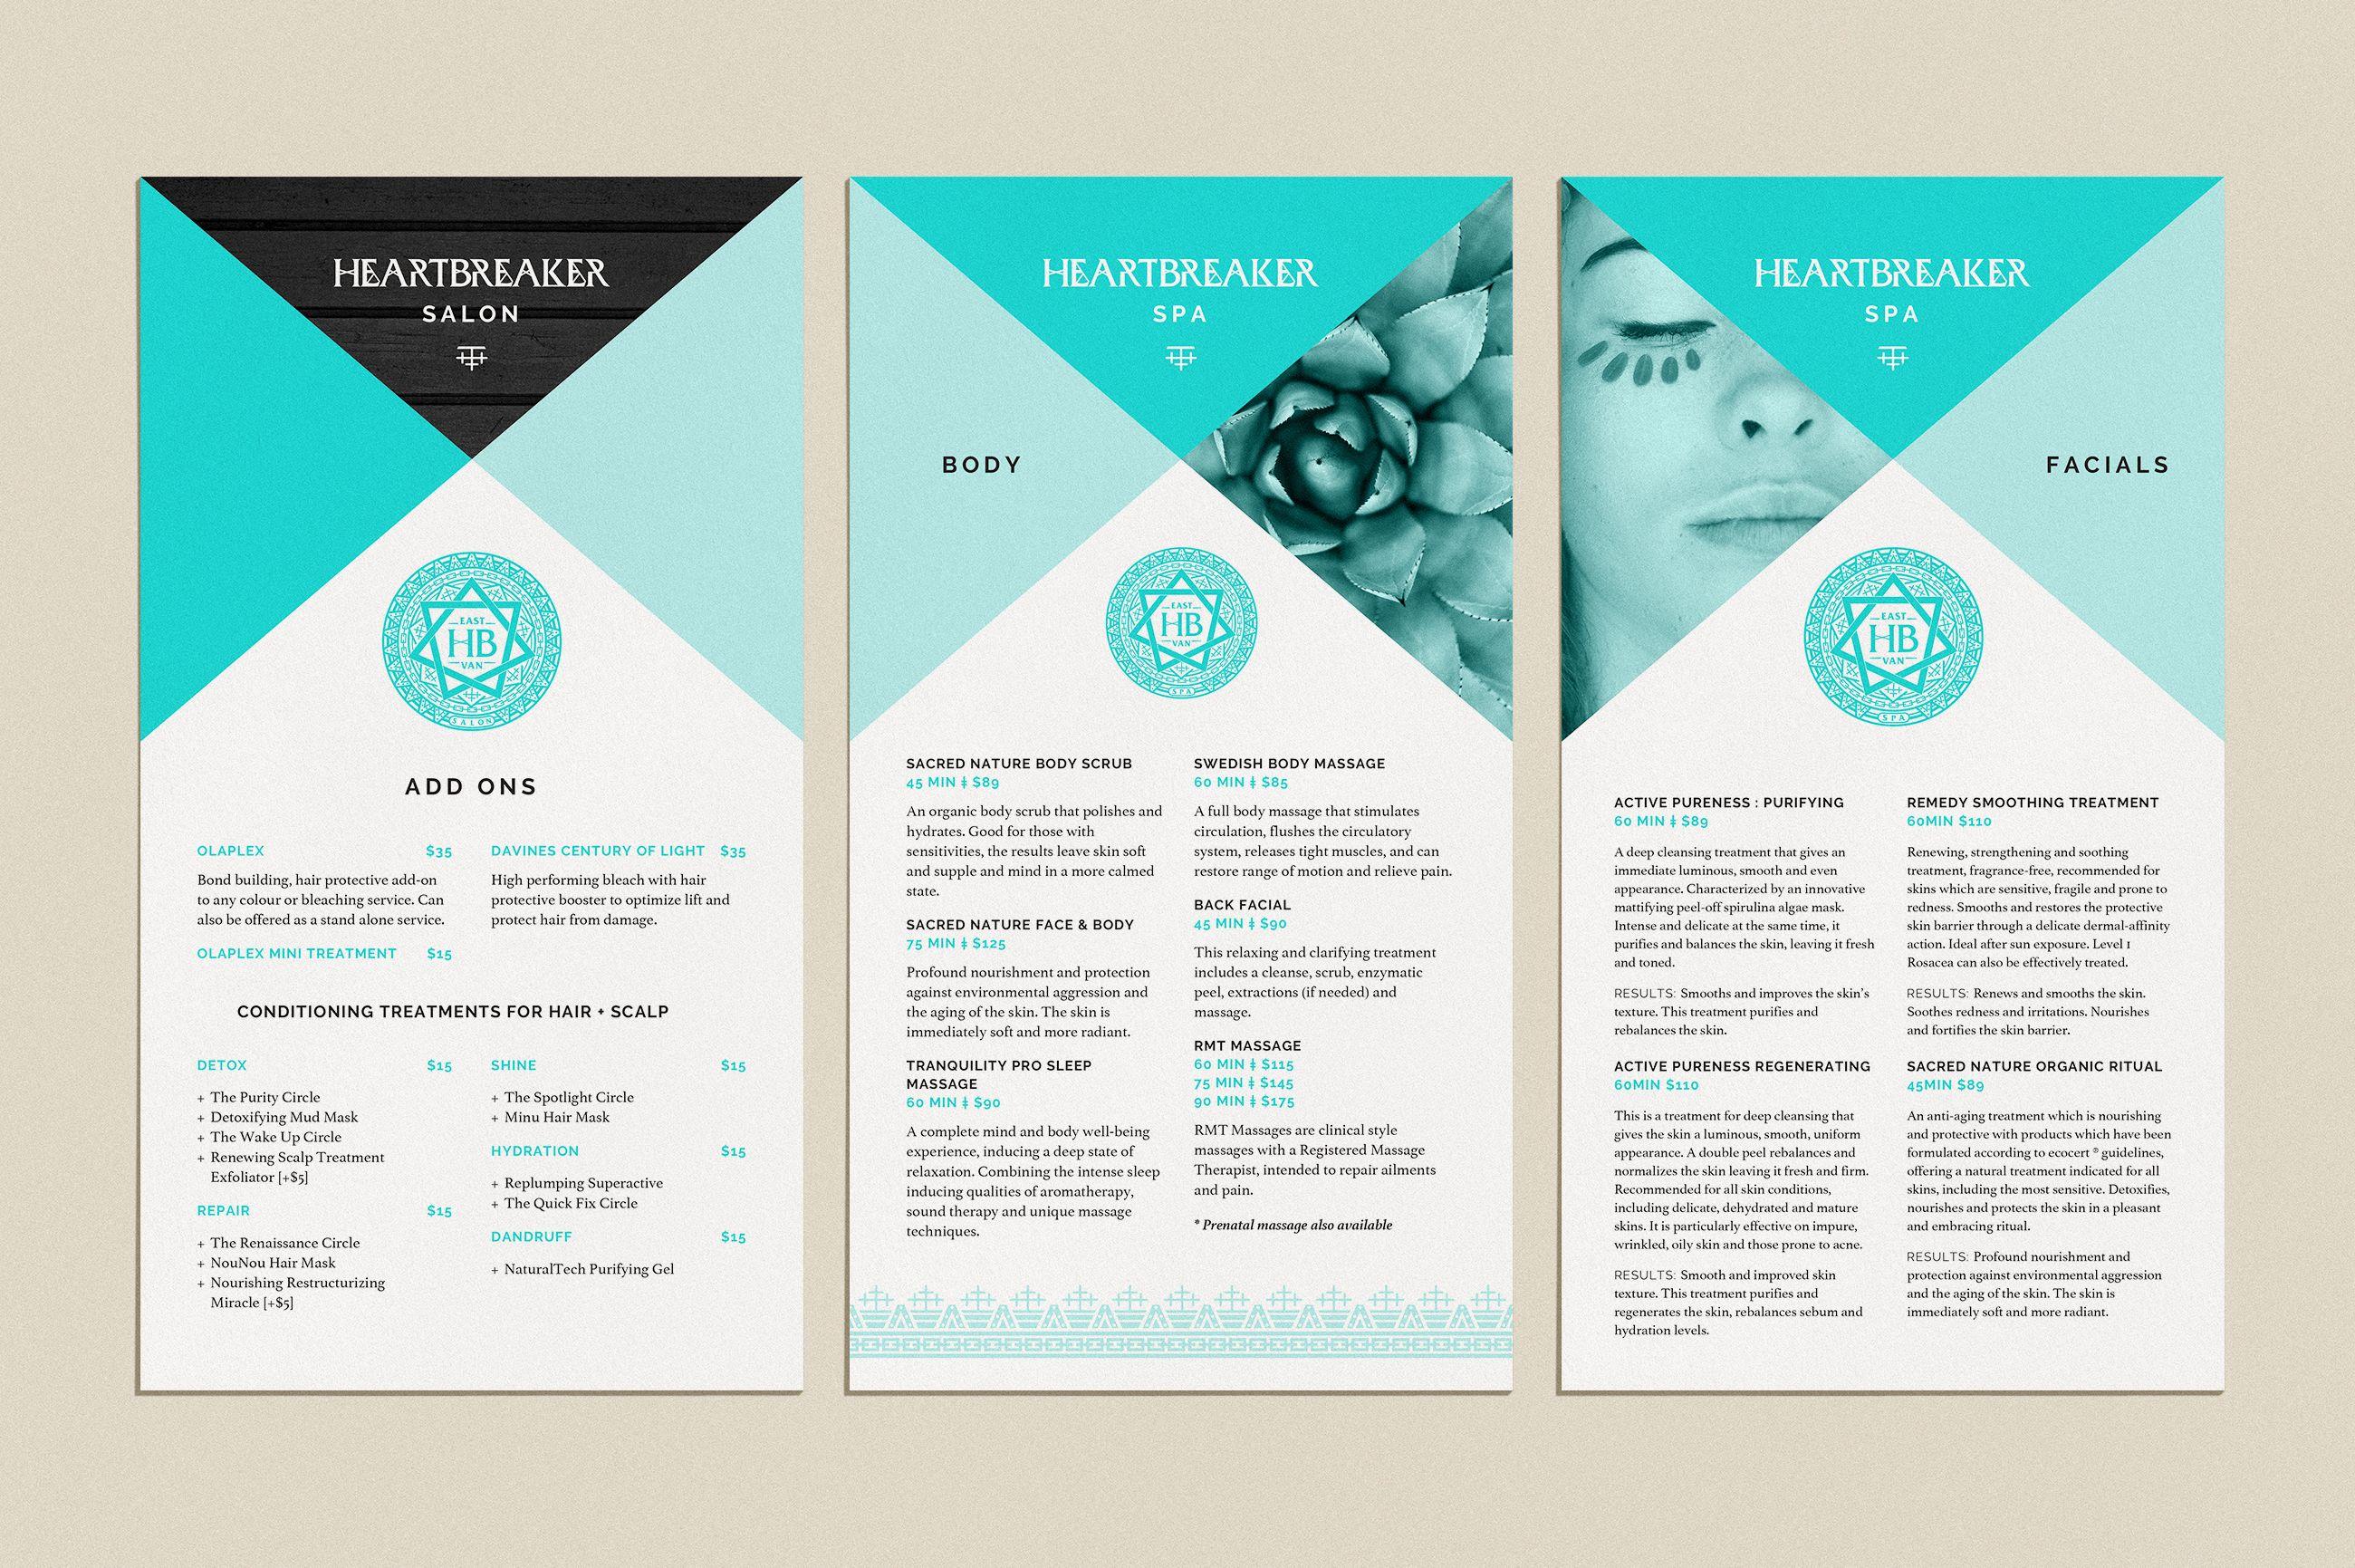 Heartbreaker Salon & Spa - brochure